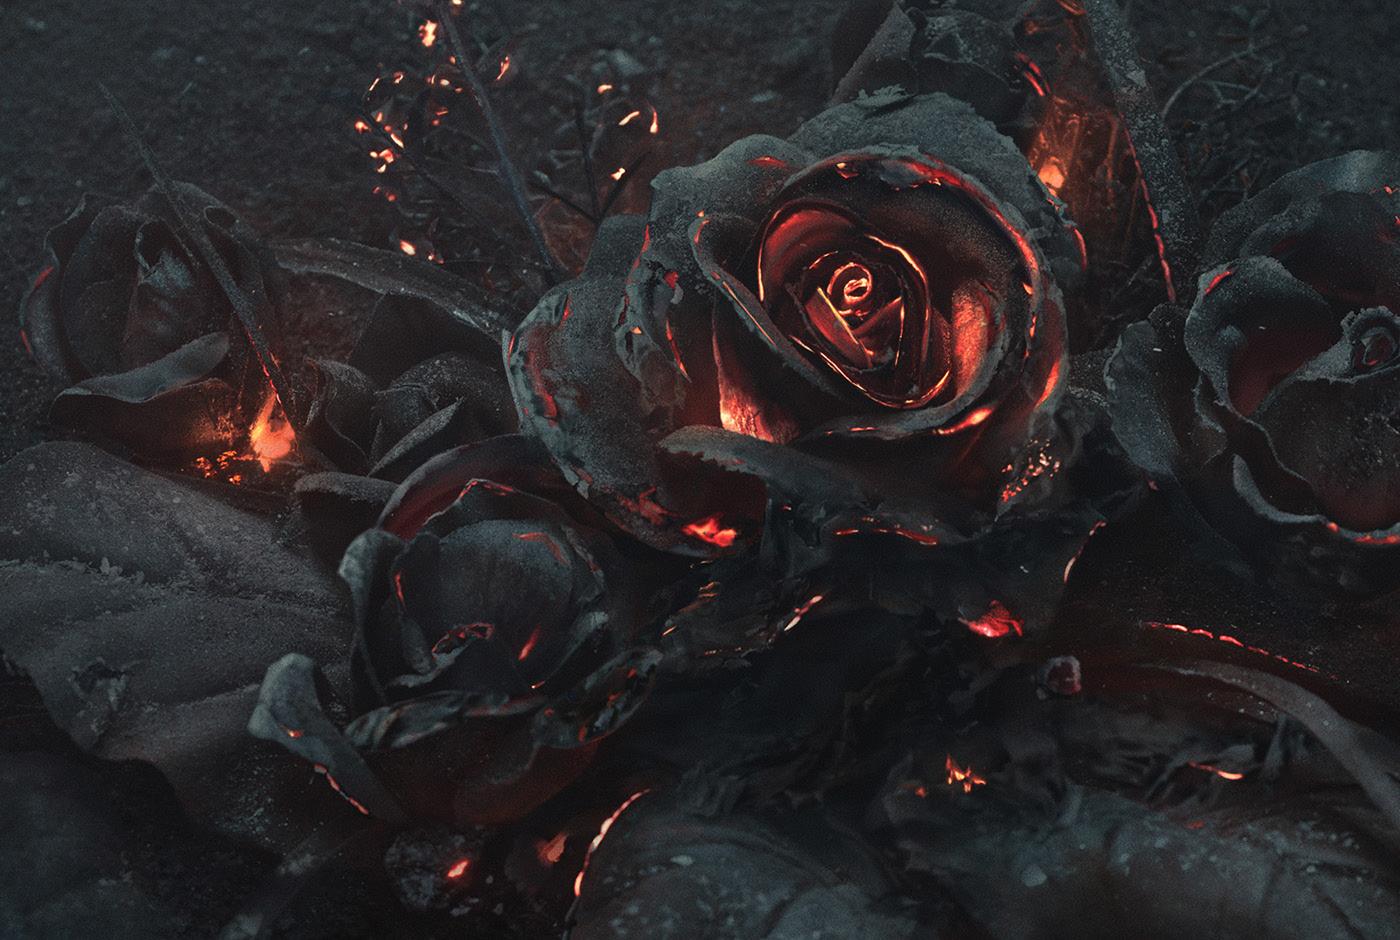 картинки цветы мрака удобства можно скачать